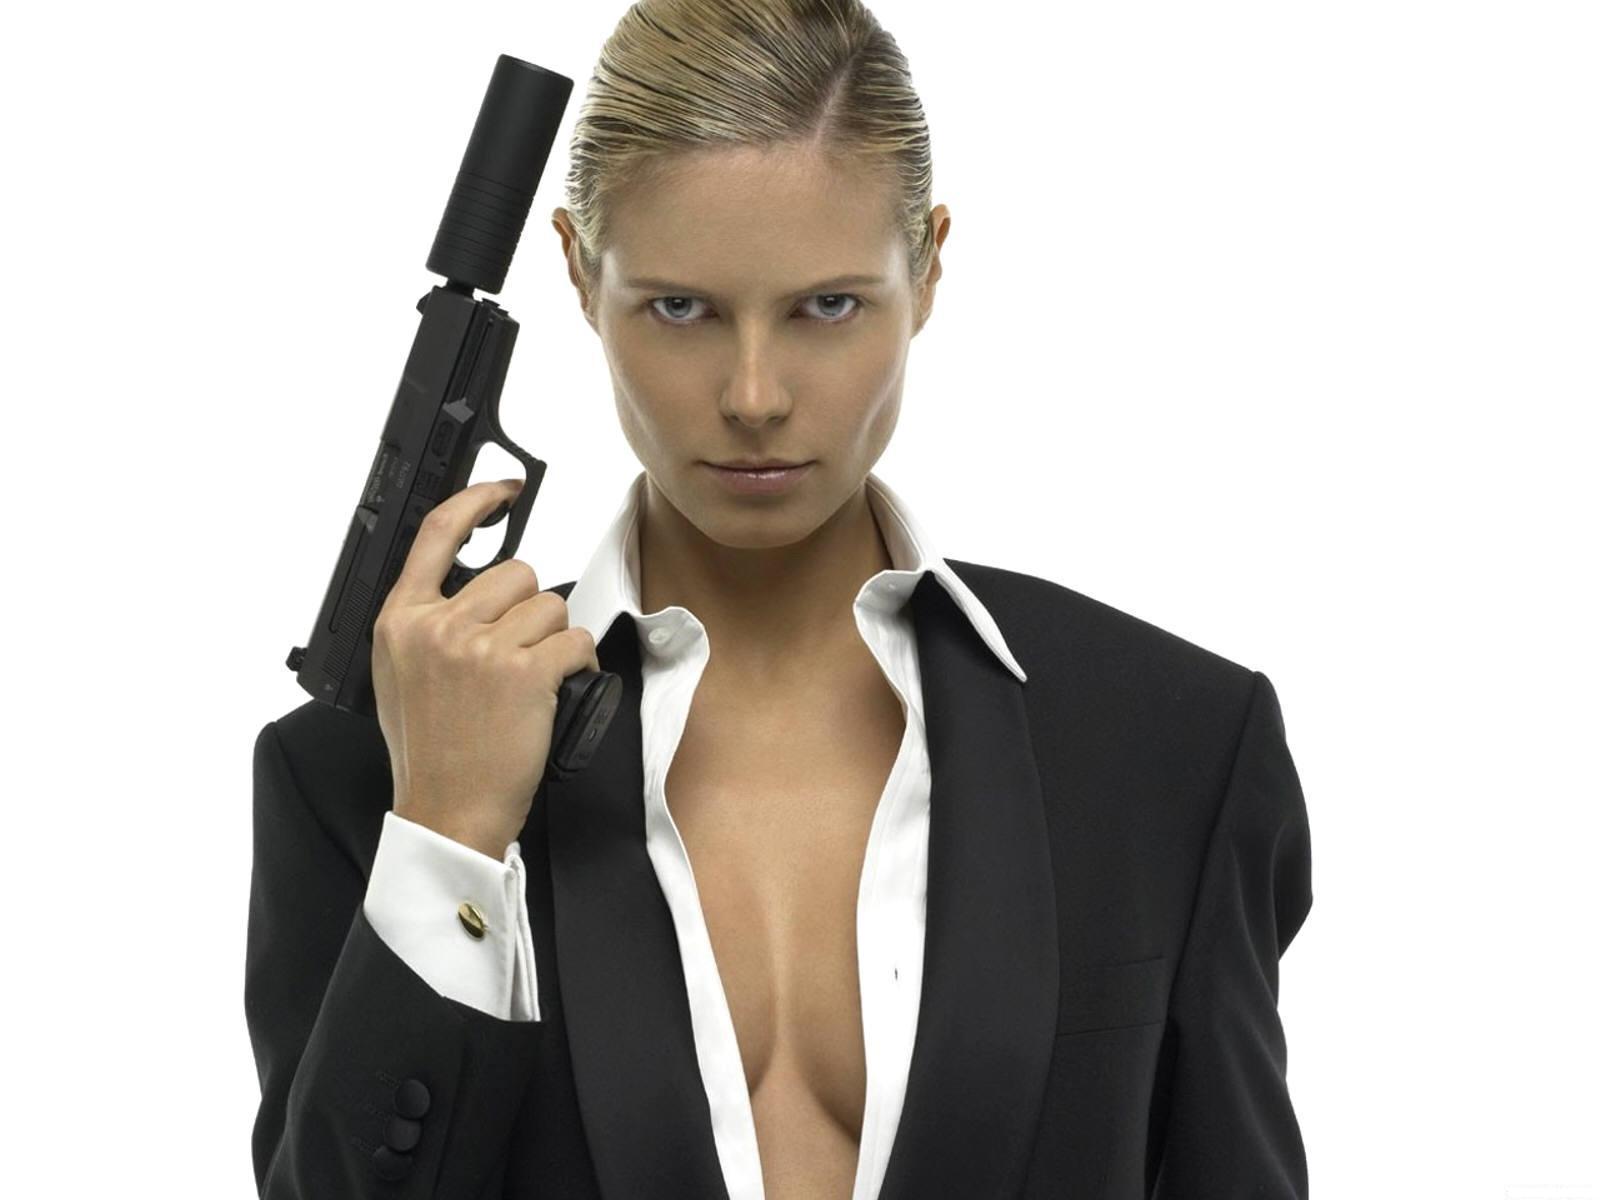 Women With Guns HD Hot Wallpapers Desktop Wallpapers 1600x1200